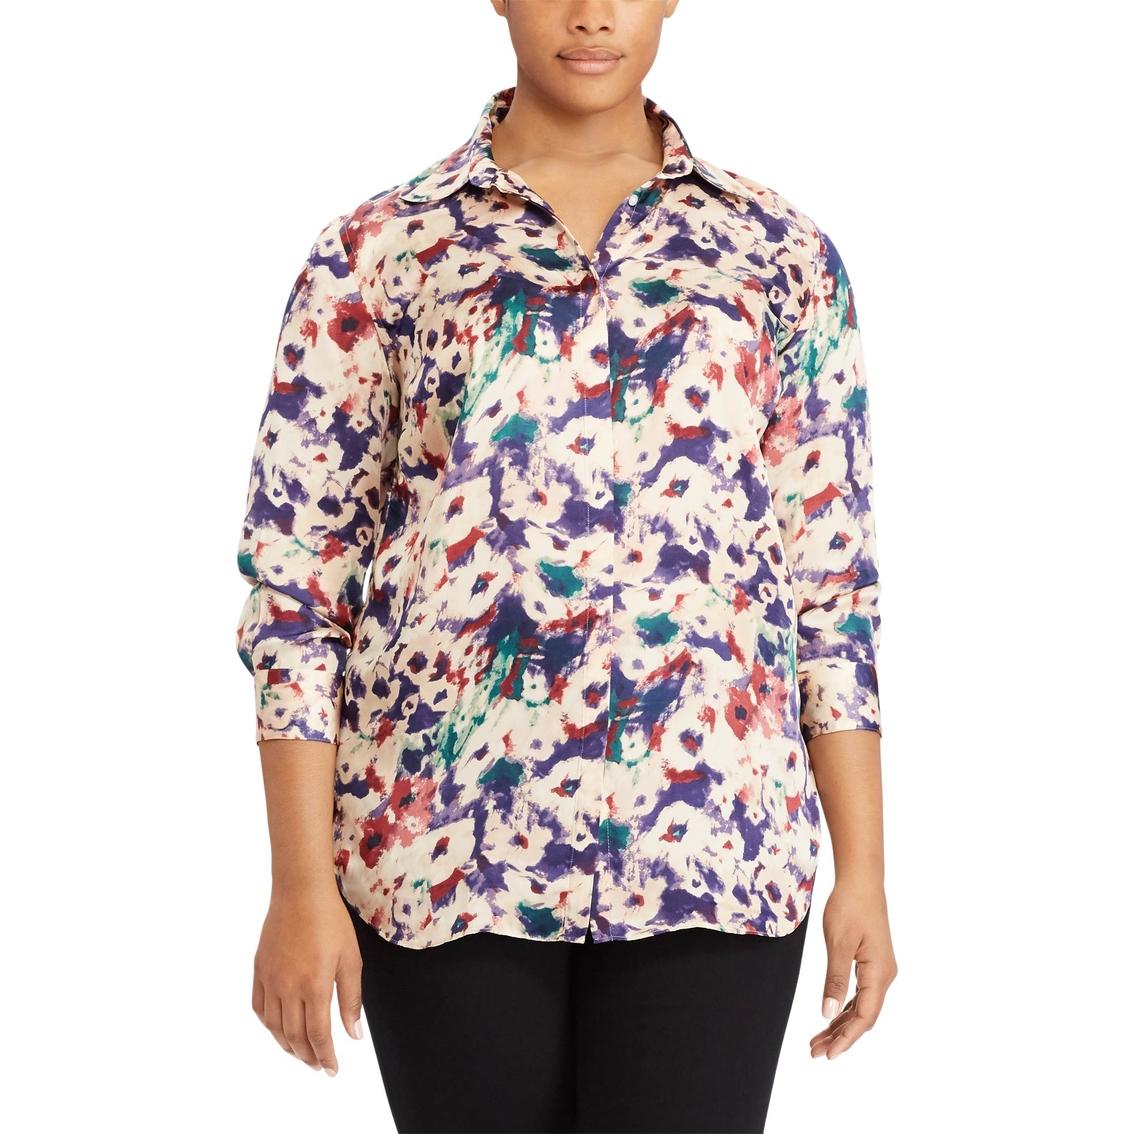 8bd4ca37 Lauren Ralph Lauren Plus Size Kristy Floral Print Button Down Shirt ...